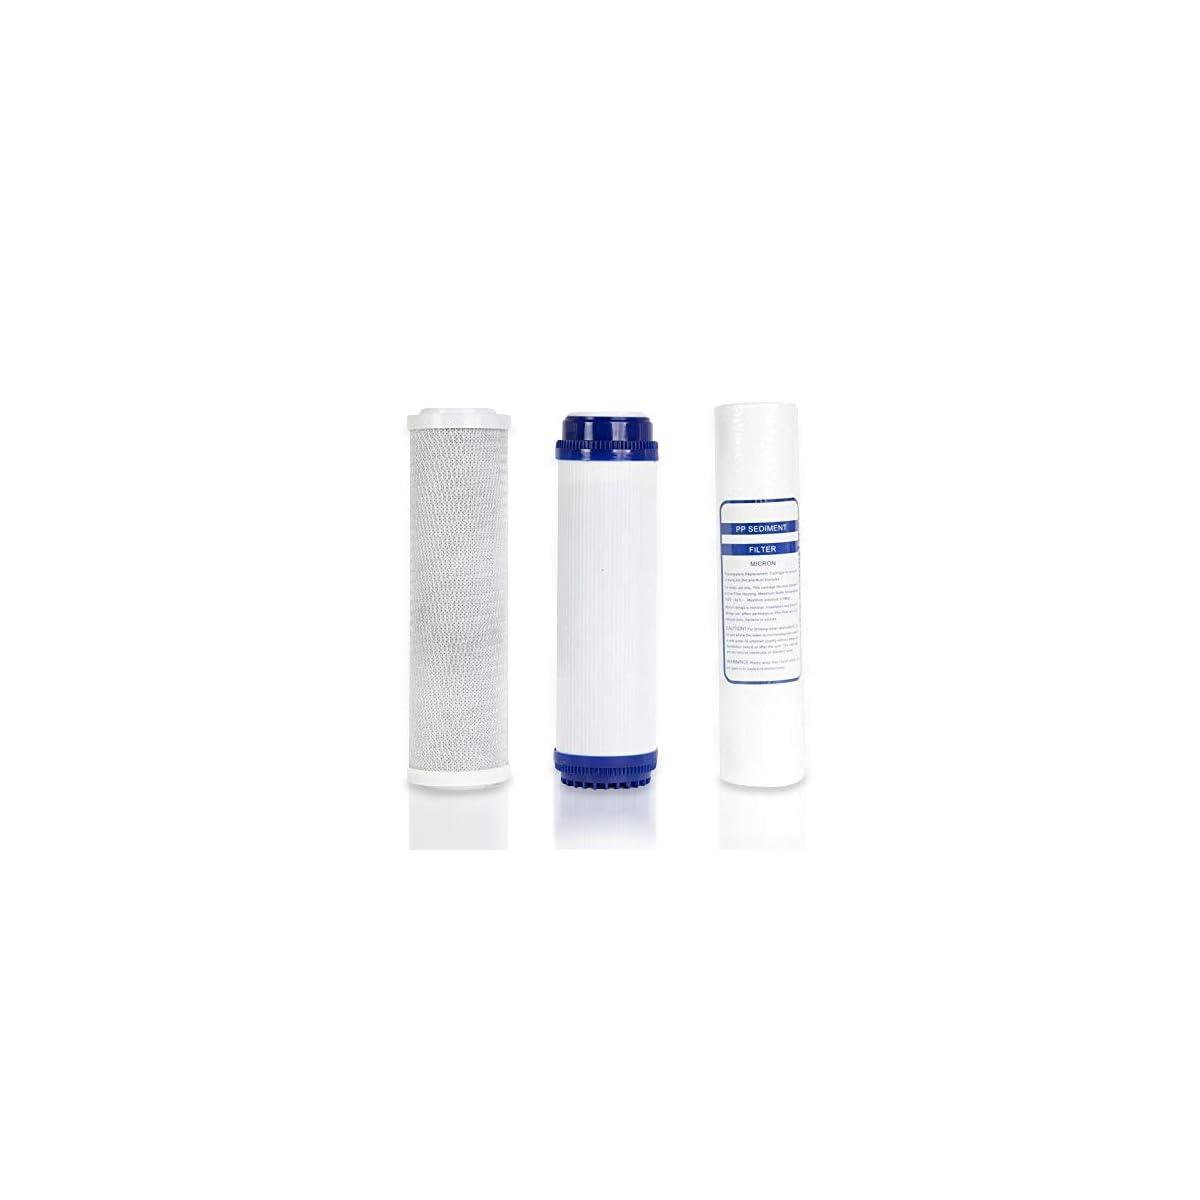 41MNxN5Ht0L. SS1200  - Jacar - Paquete de 3 filtros de osmosis